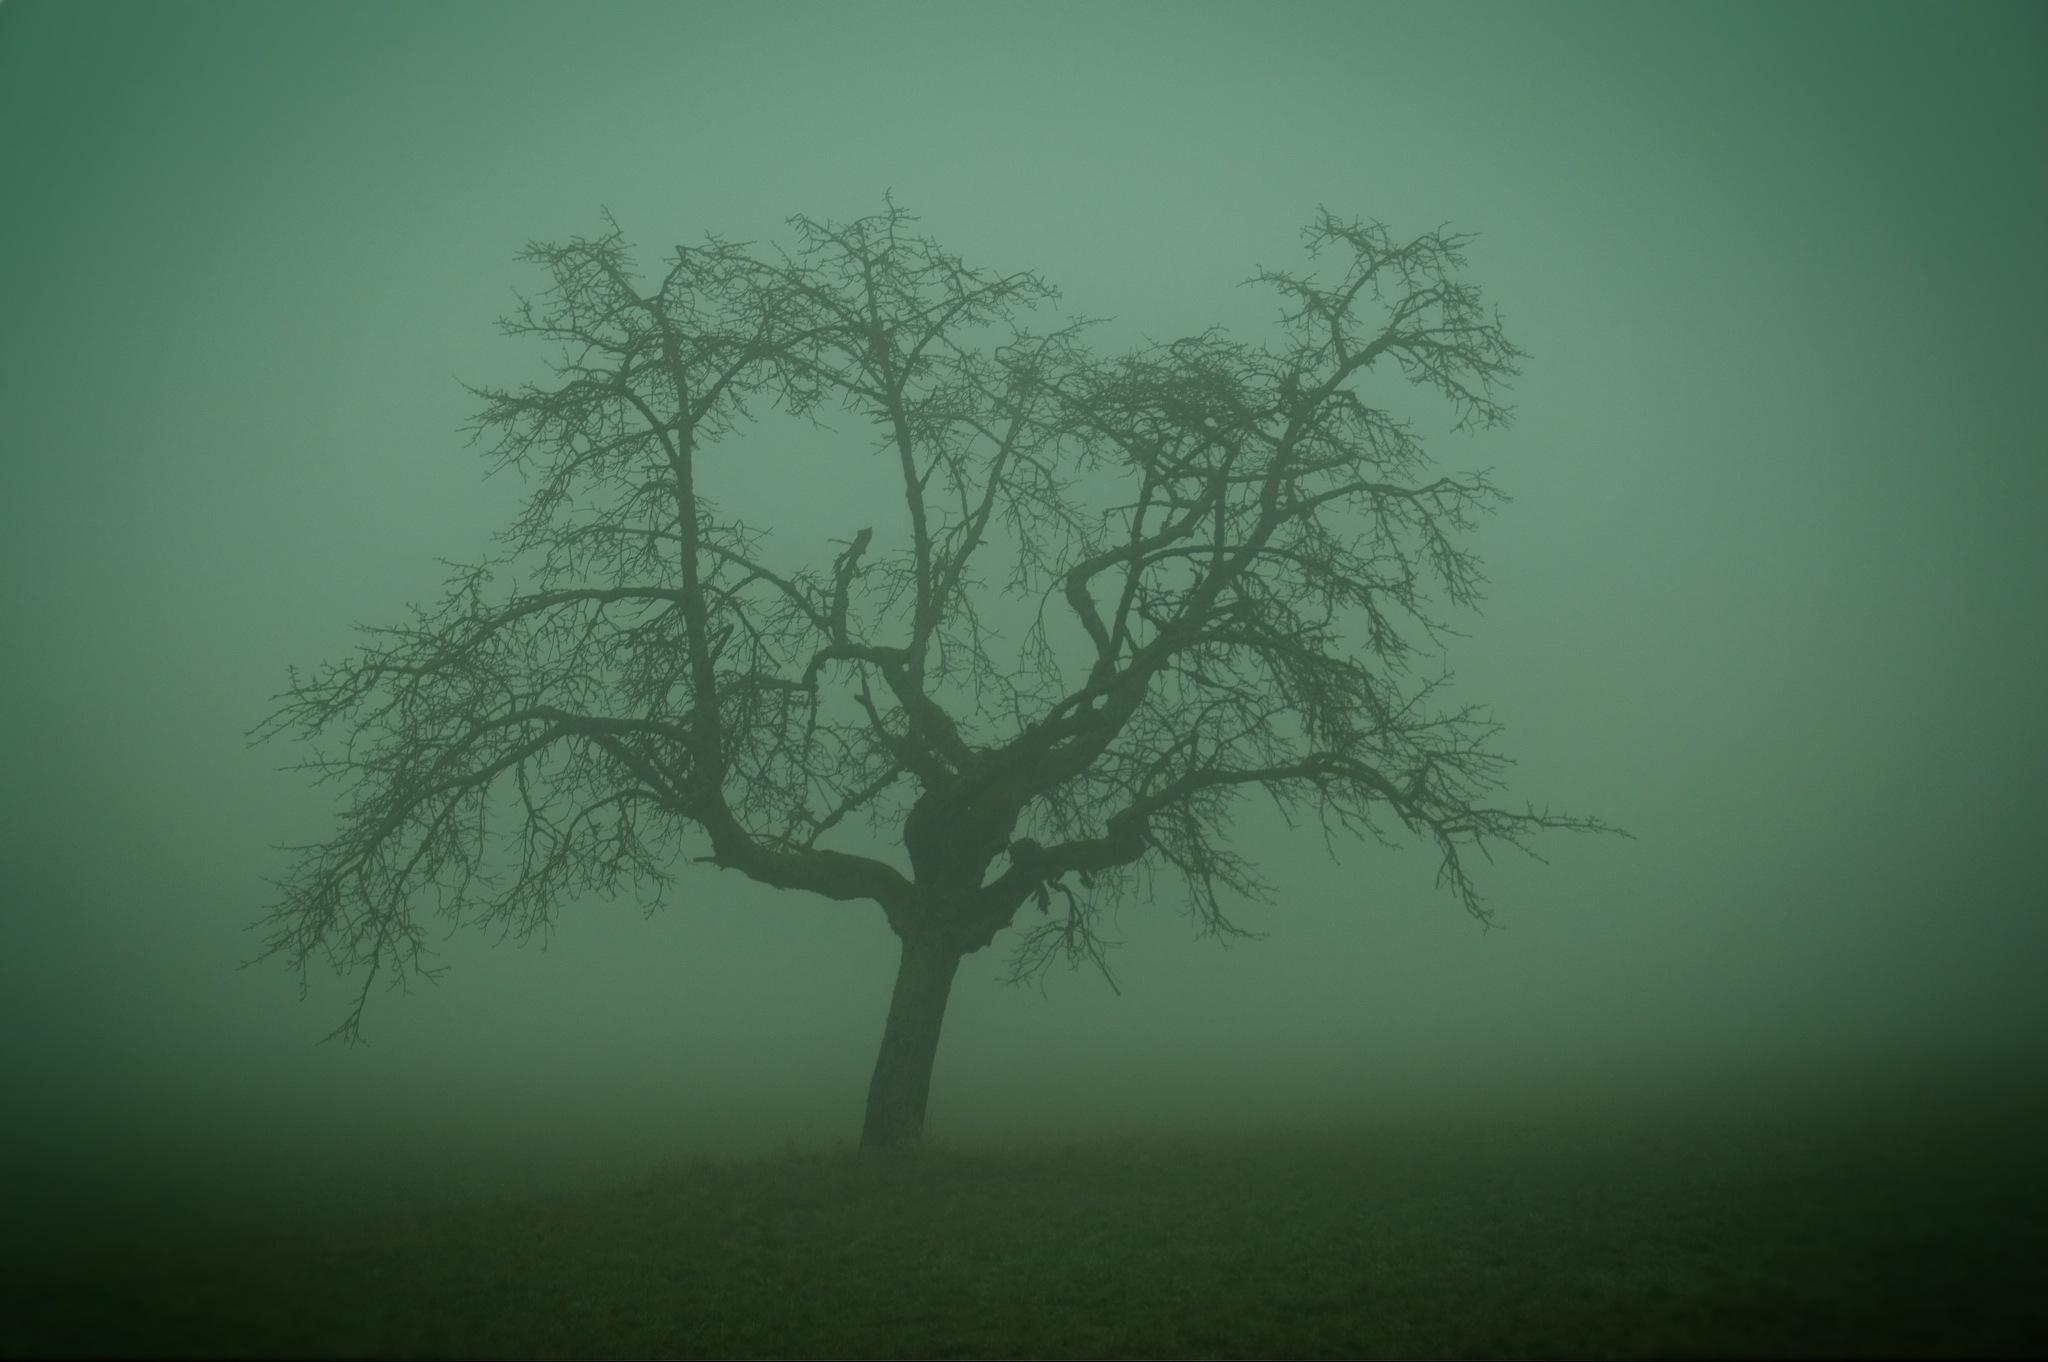 old tree by Aljosha